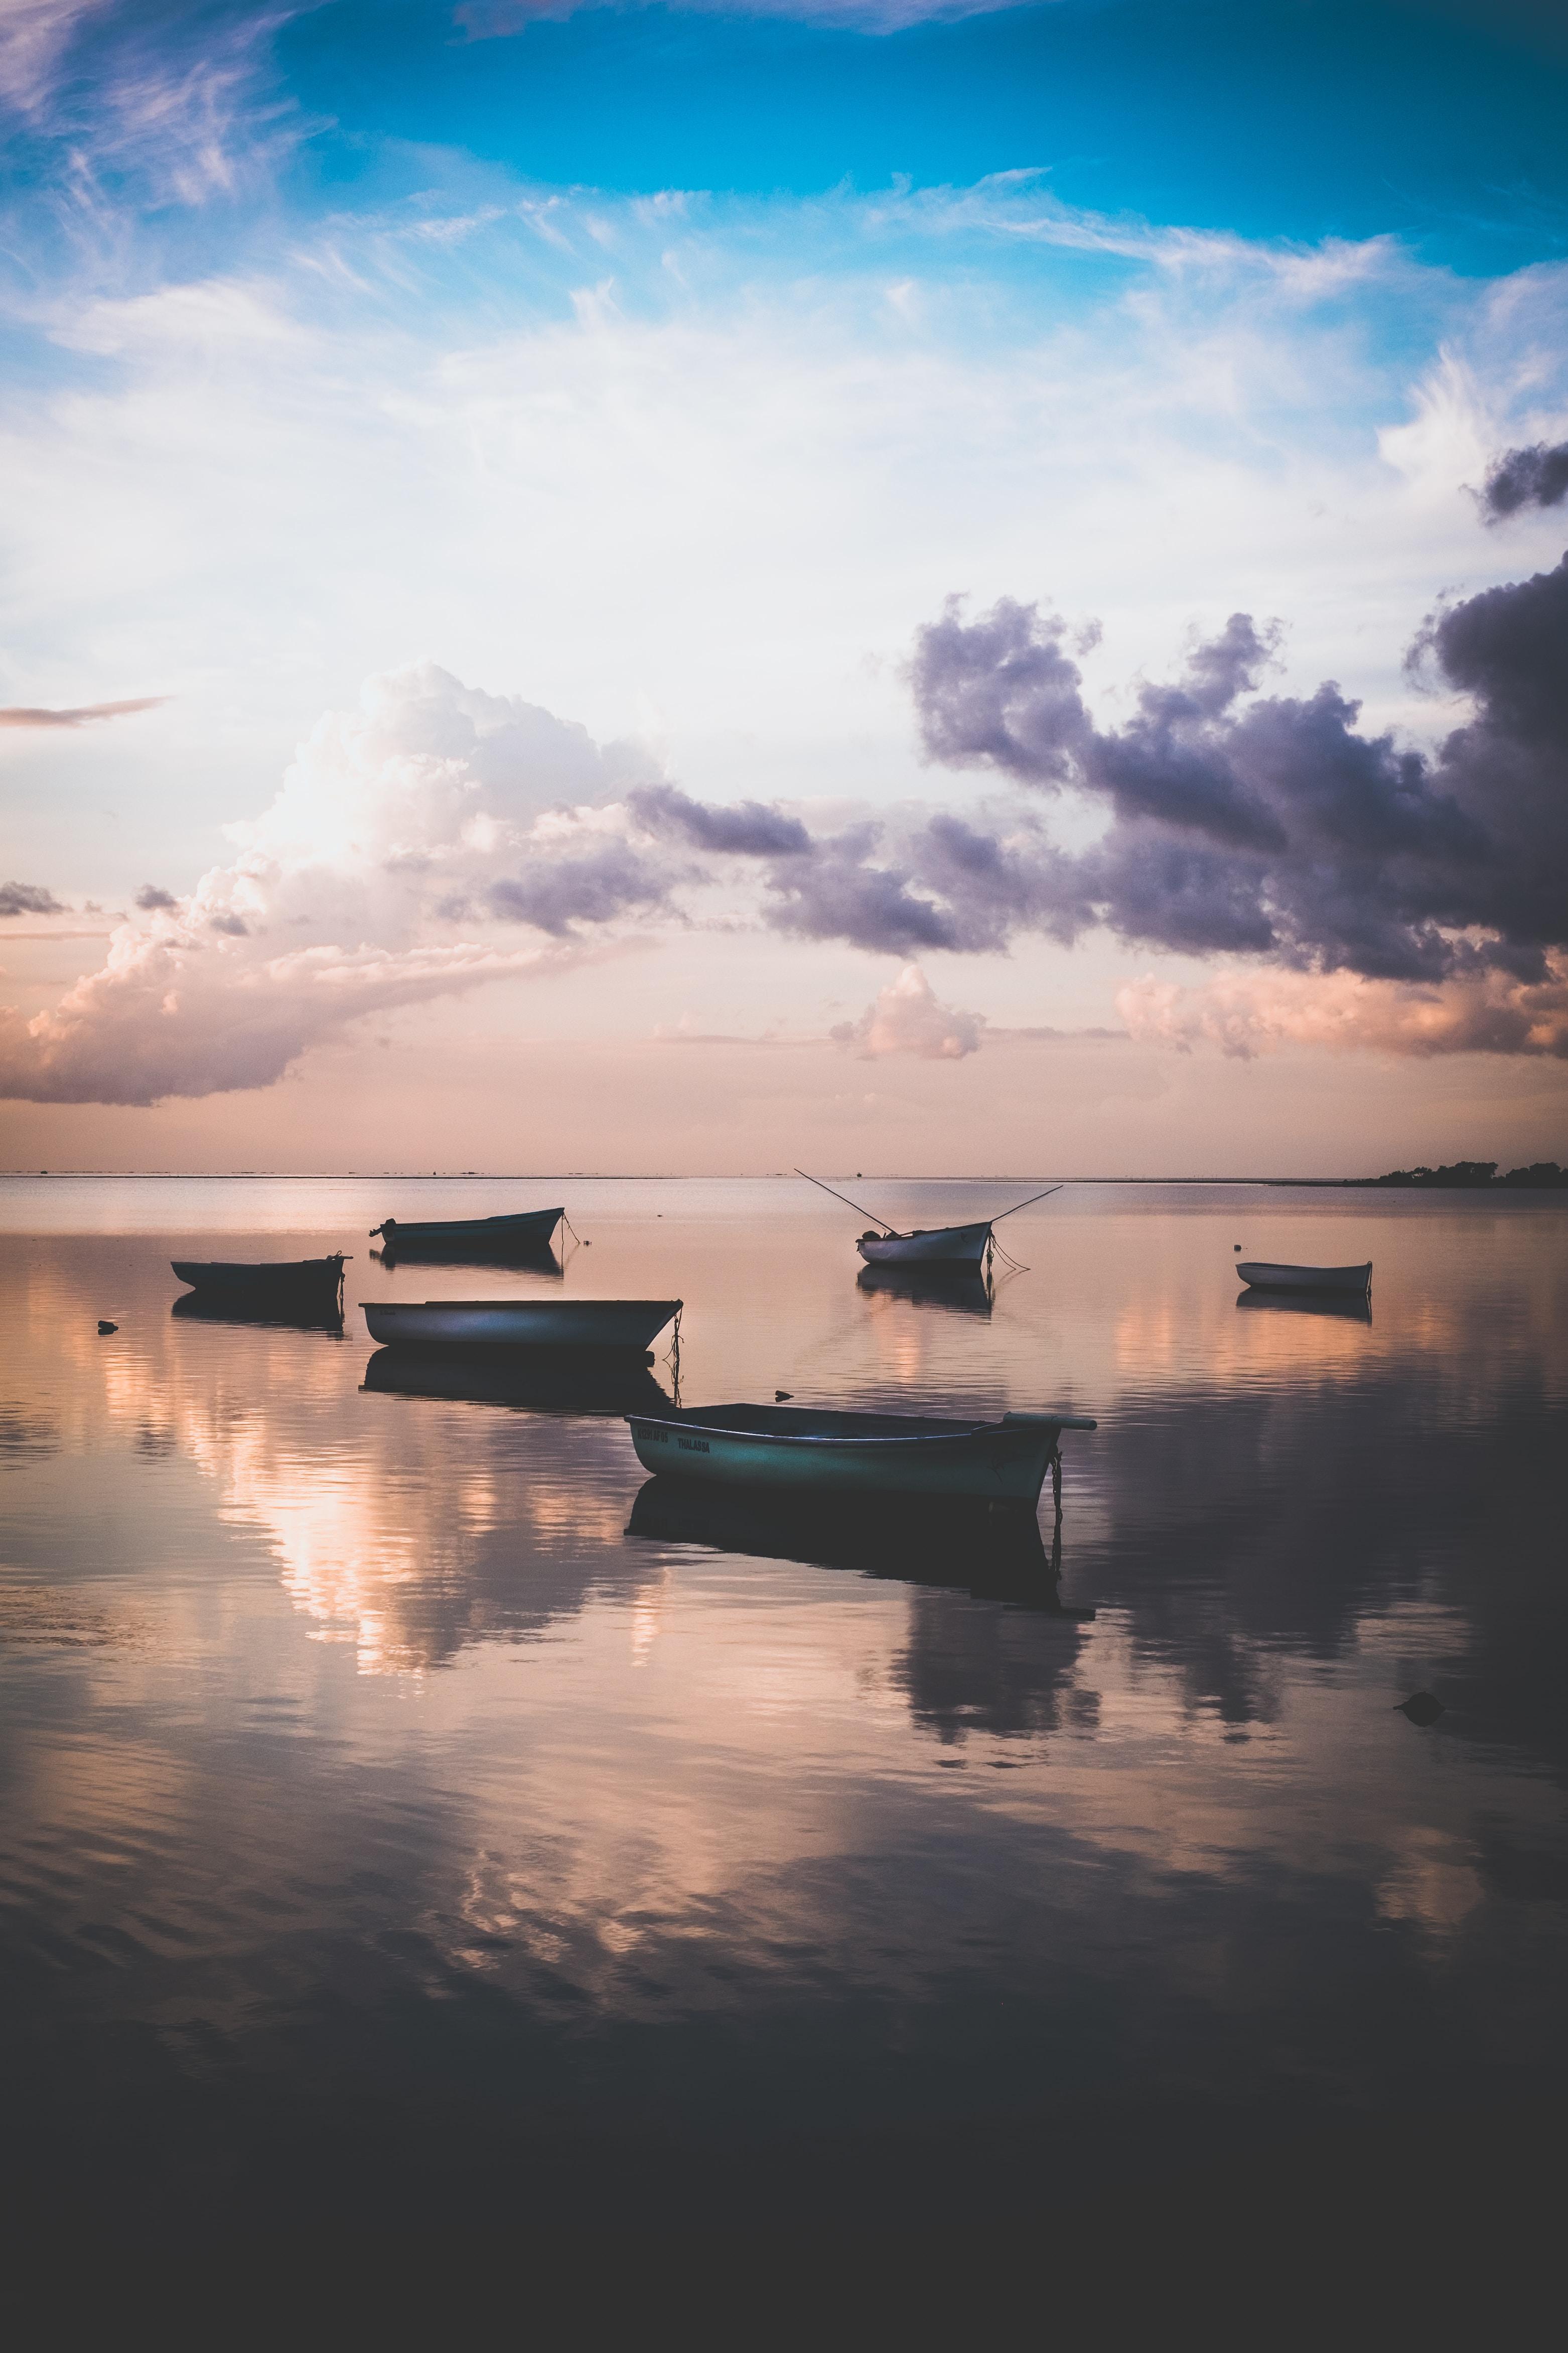 73734 Заставки и Обои Лодки на телефон. Скачать Природа, Лодки, Вода, Закат, Сумерки, Берег картинки бесплатно